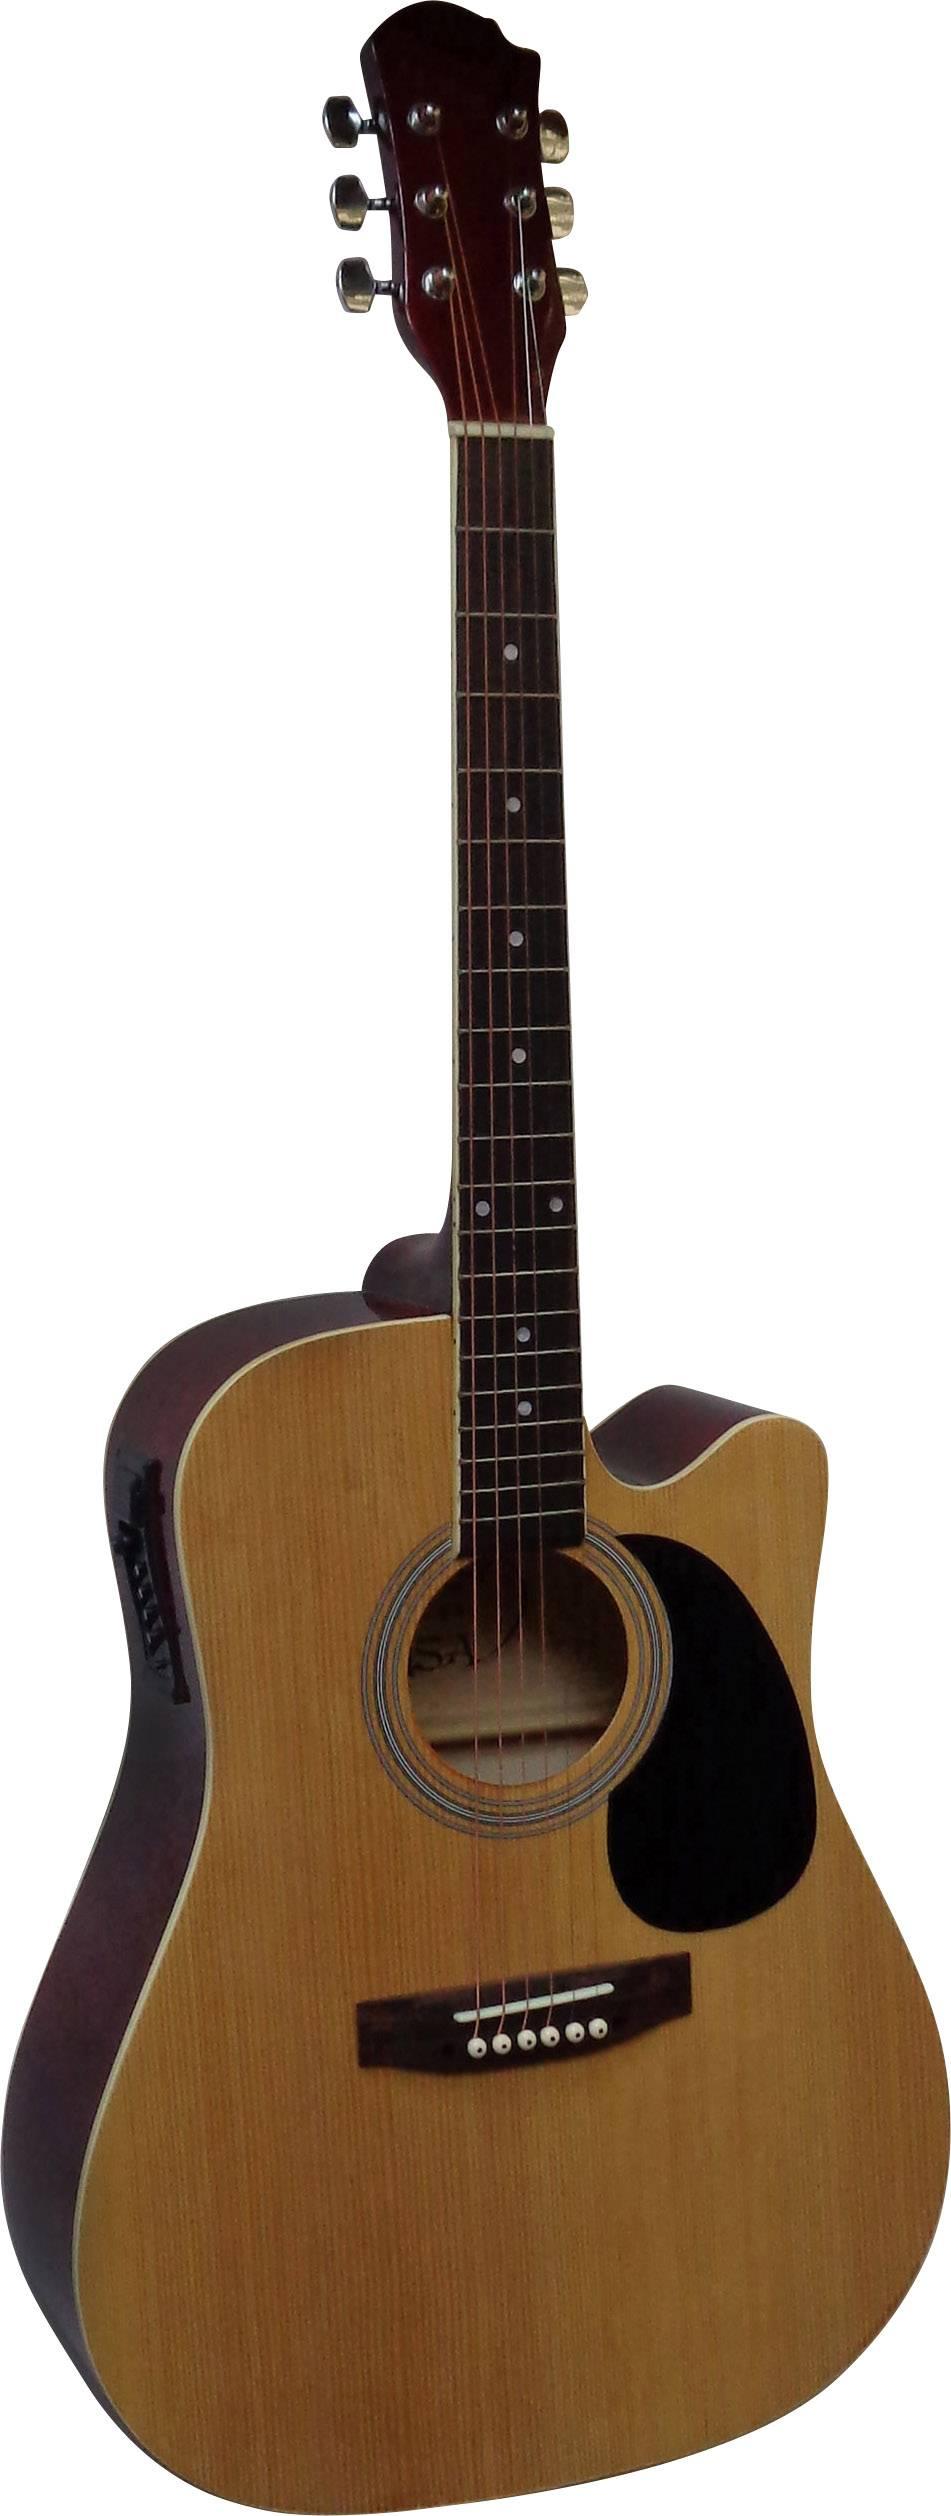 Elektrická westernová gitara MSA Musikinstrumente CW 195, 4/4, prírodná